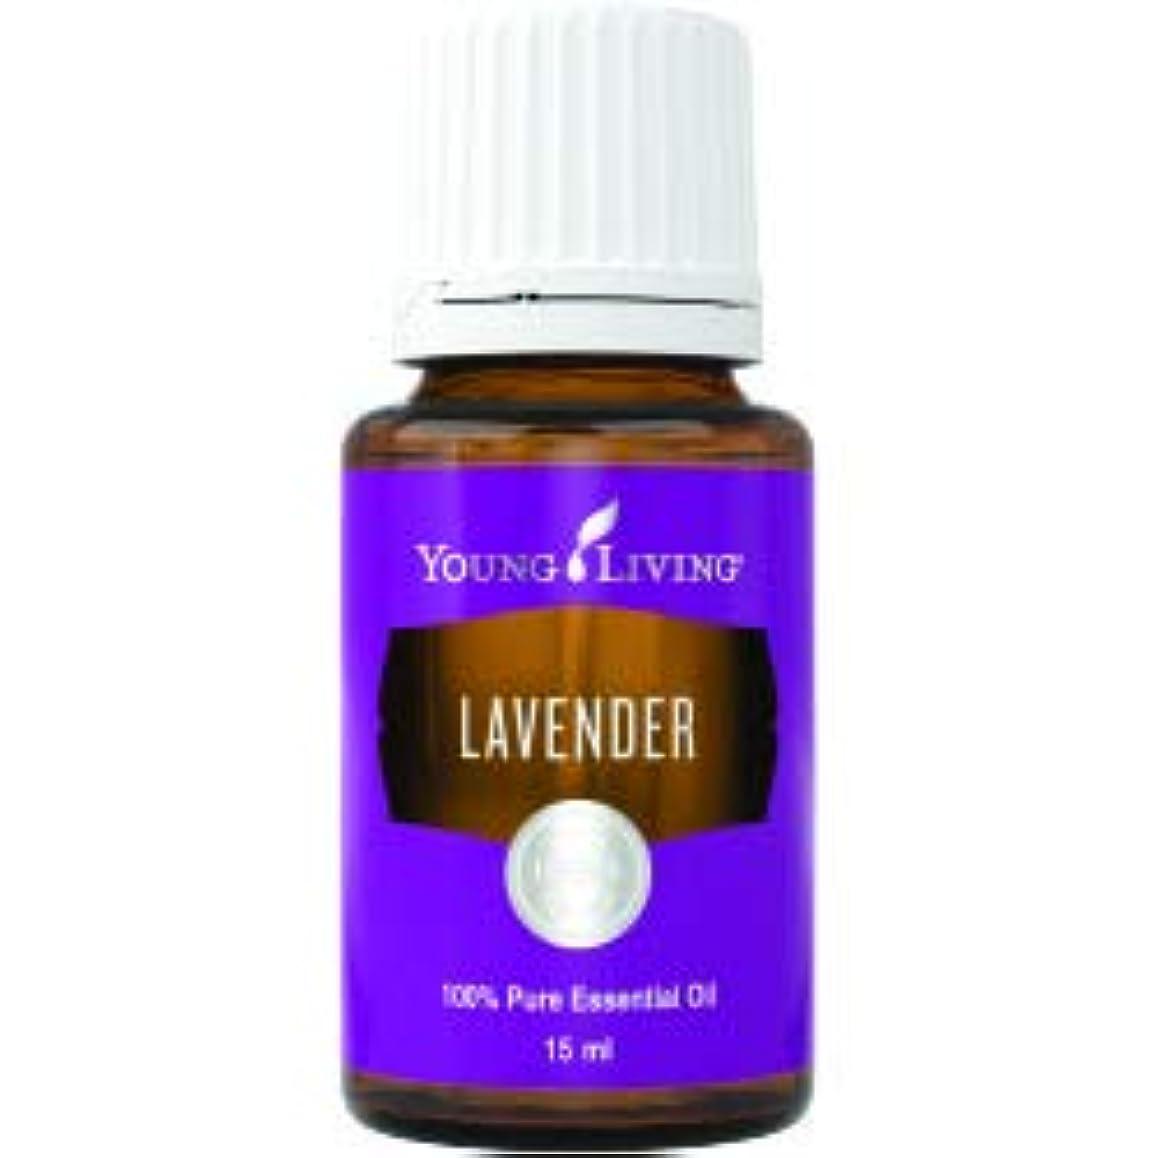 ラベンダーエッセンシャルオイル15ml by Young Livingエッセンシャルオイルマレーシア Lavender Essential Oil 15ml by Young Living Essential Oil Malaysia